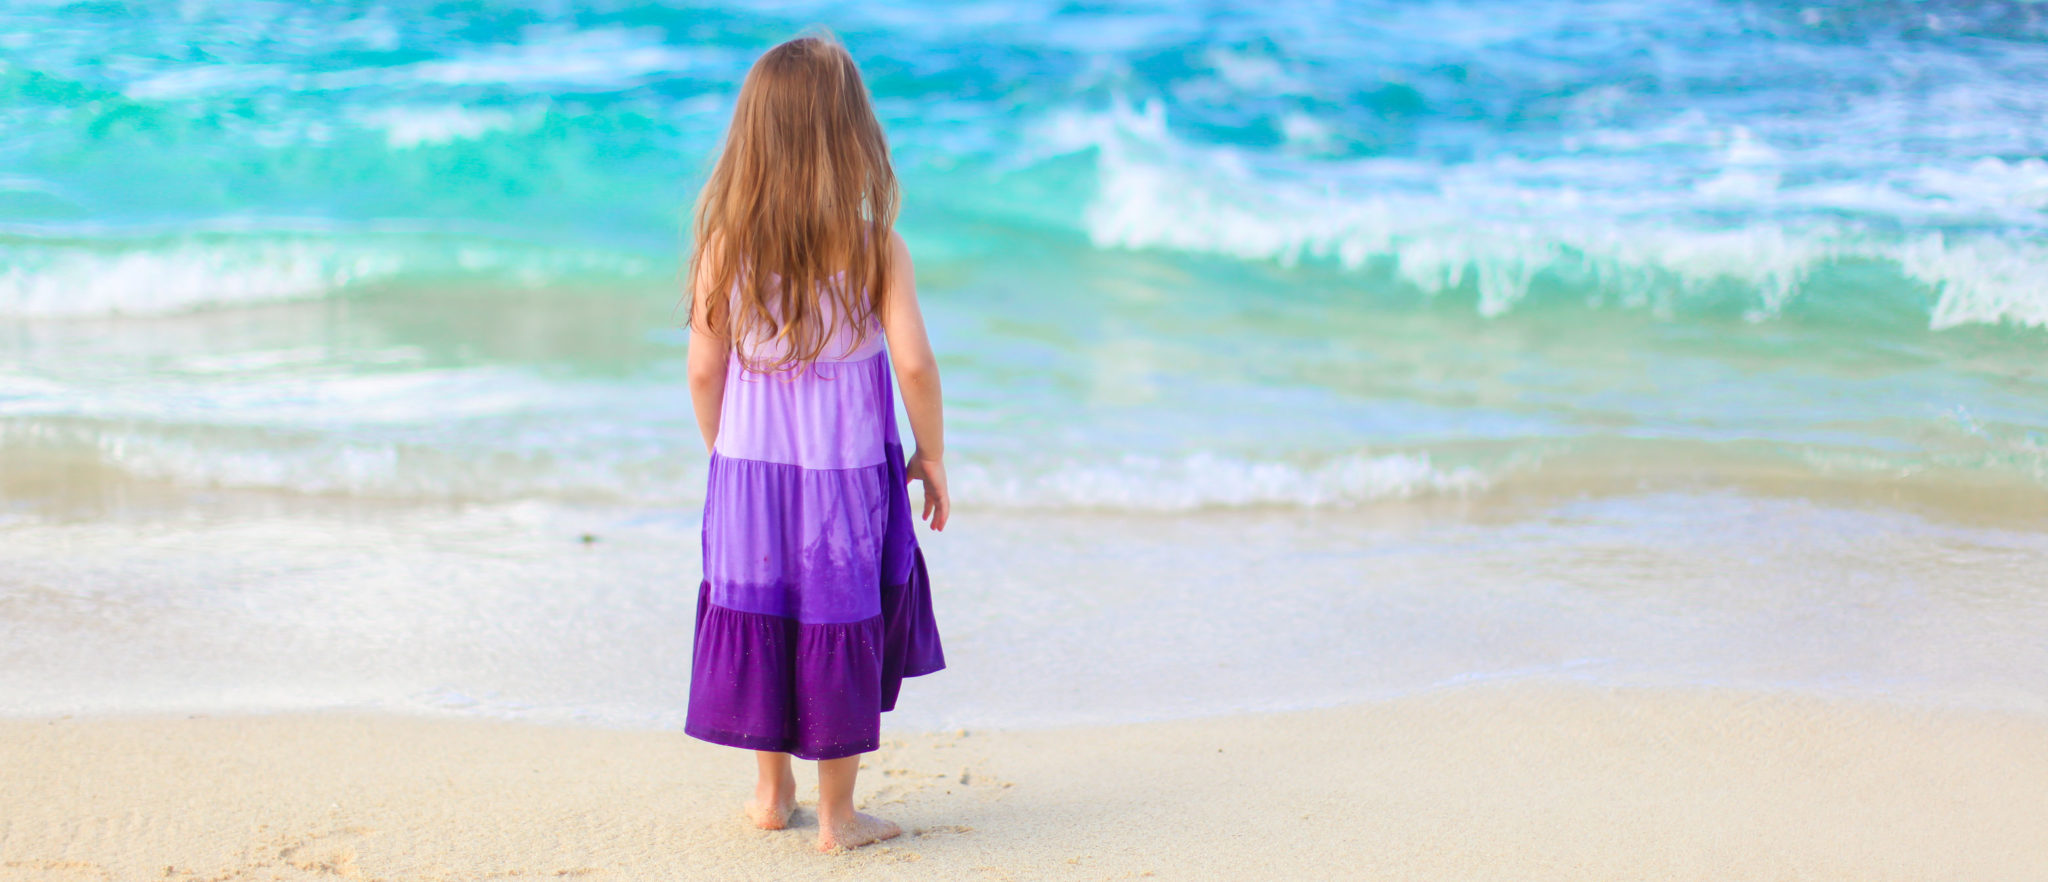 Petite fille qui s'ennuie sur la plage